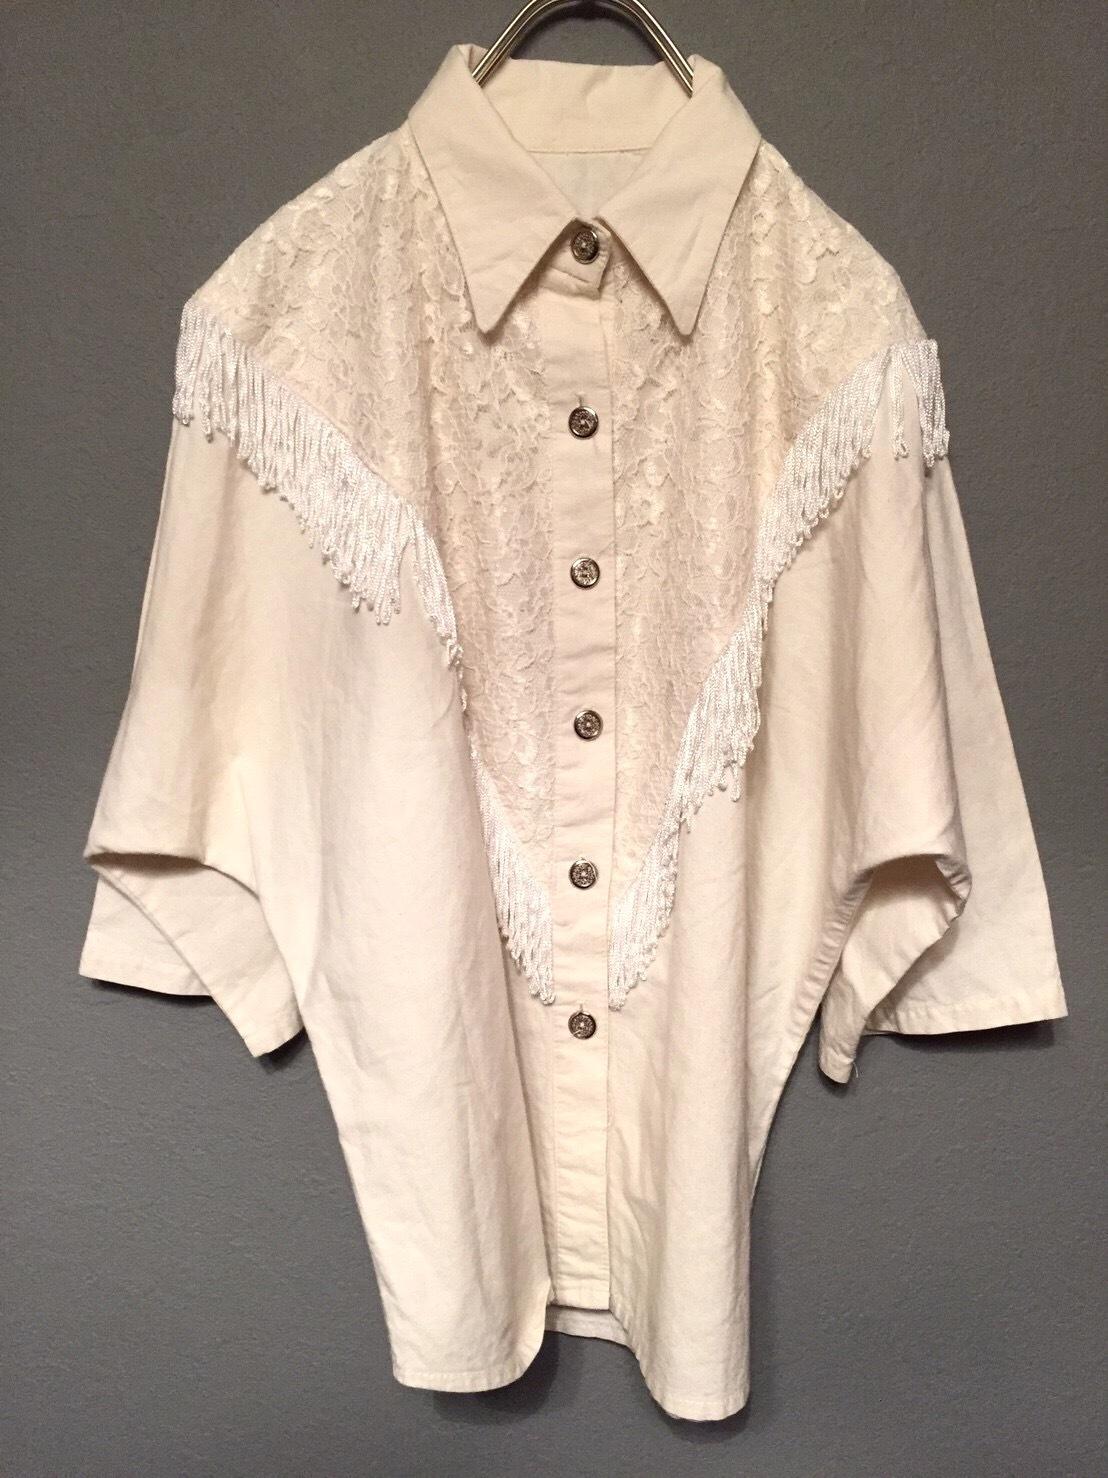 fringe shirt